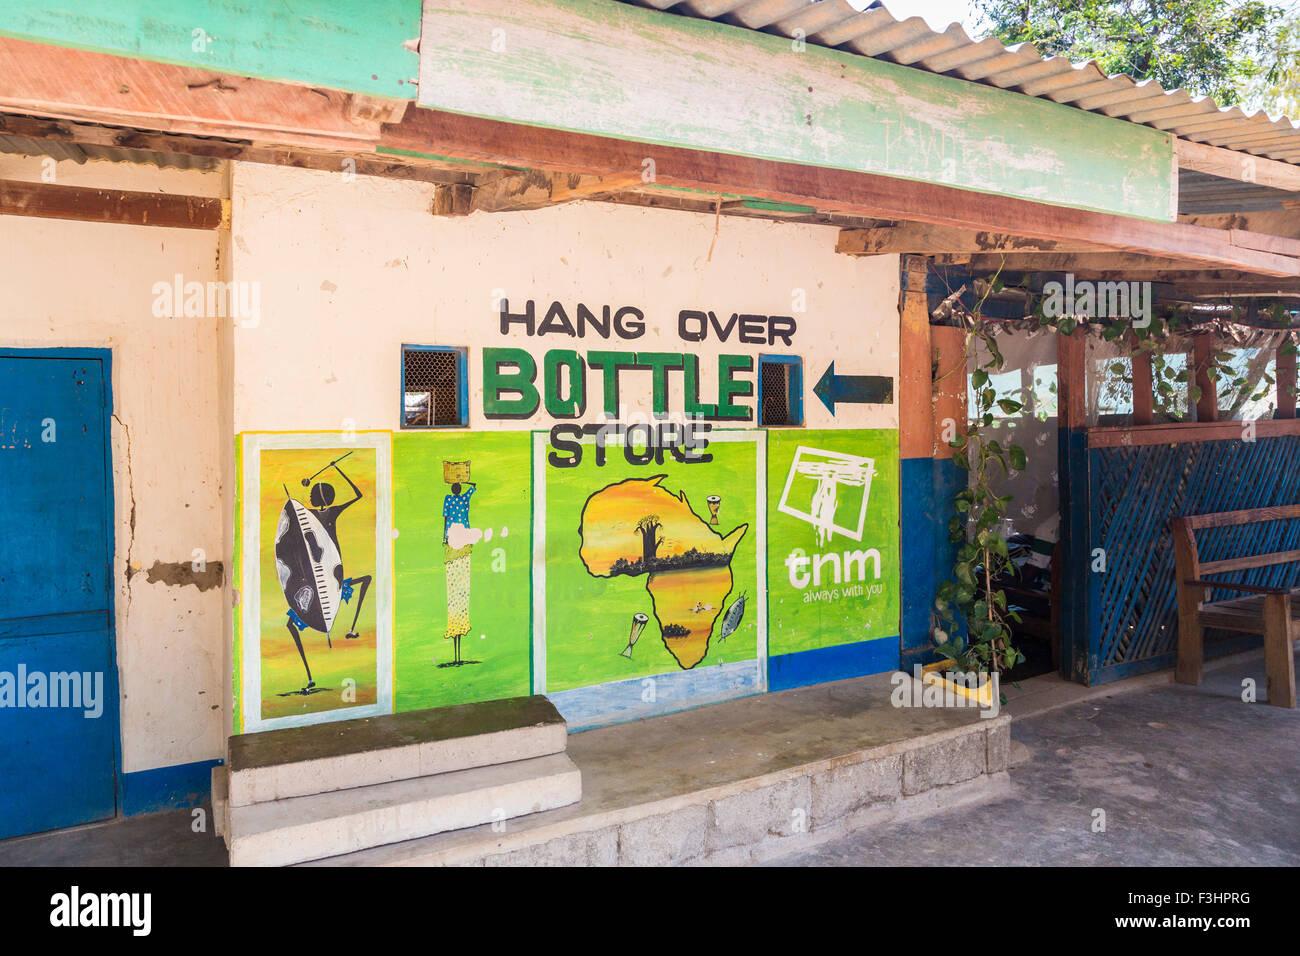 Amusingly named 'Hang Over Bottle Store' bar, cafe and bottle bank, on Likoma Island, Lake Malawi, Malawi, - Stock Image